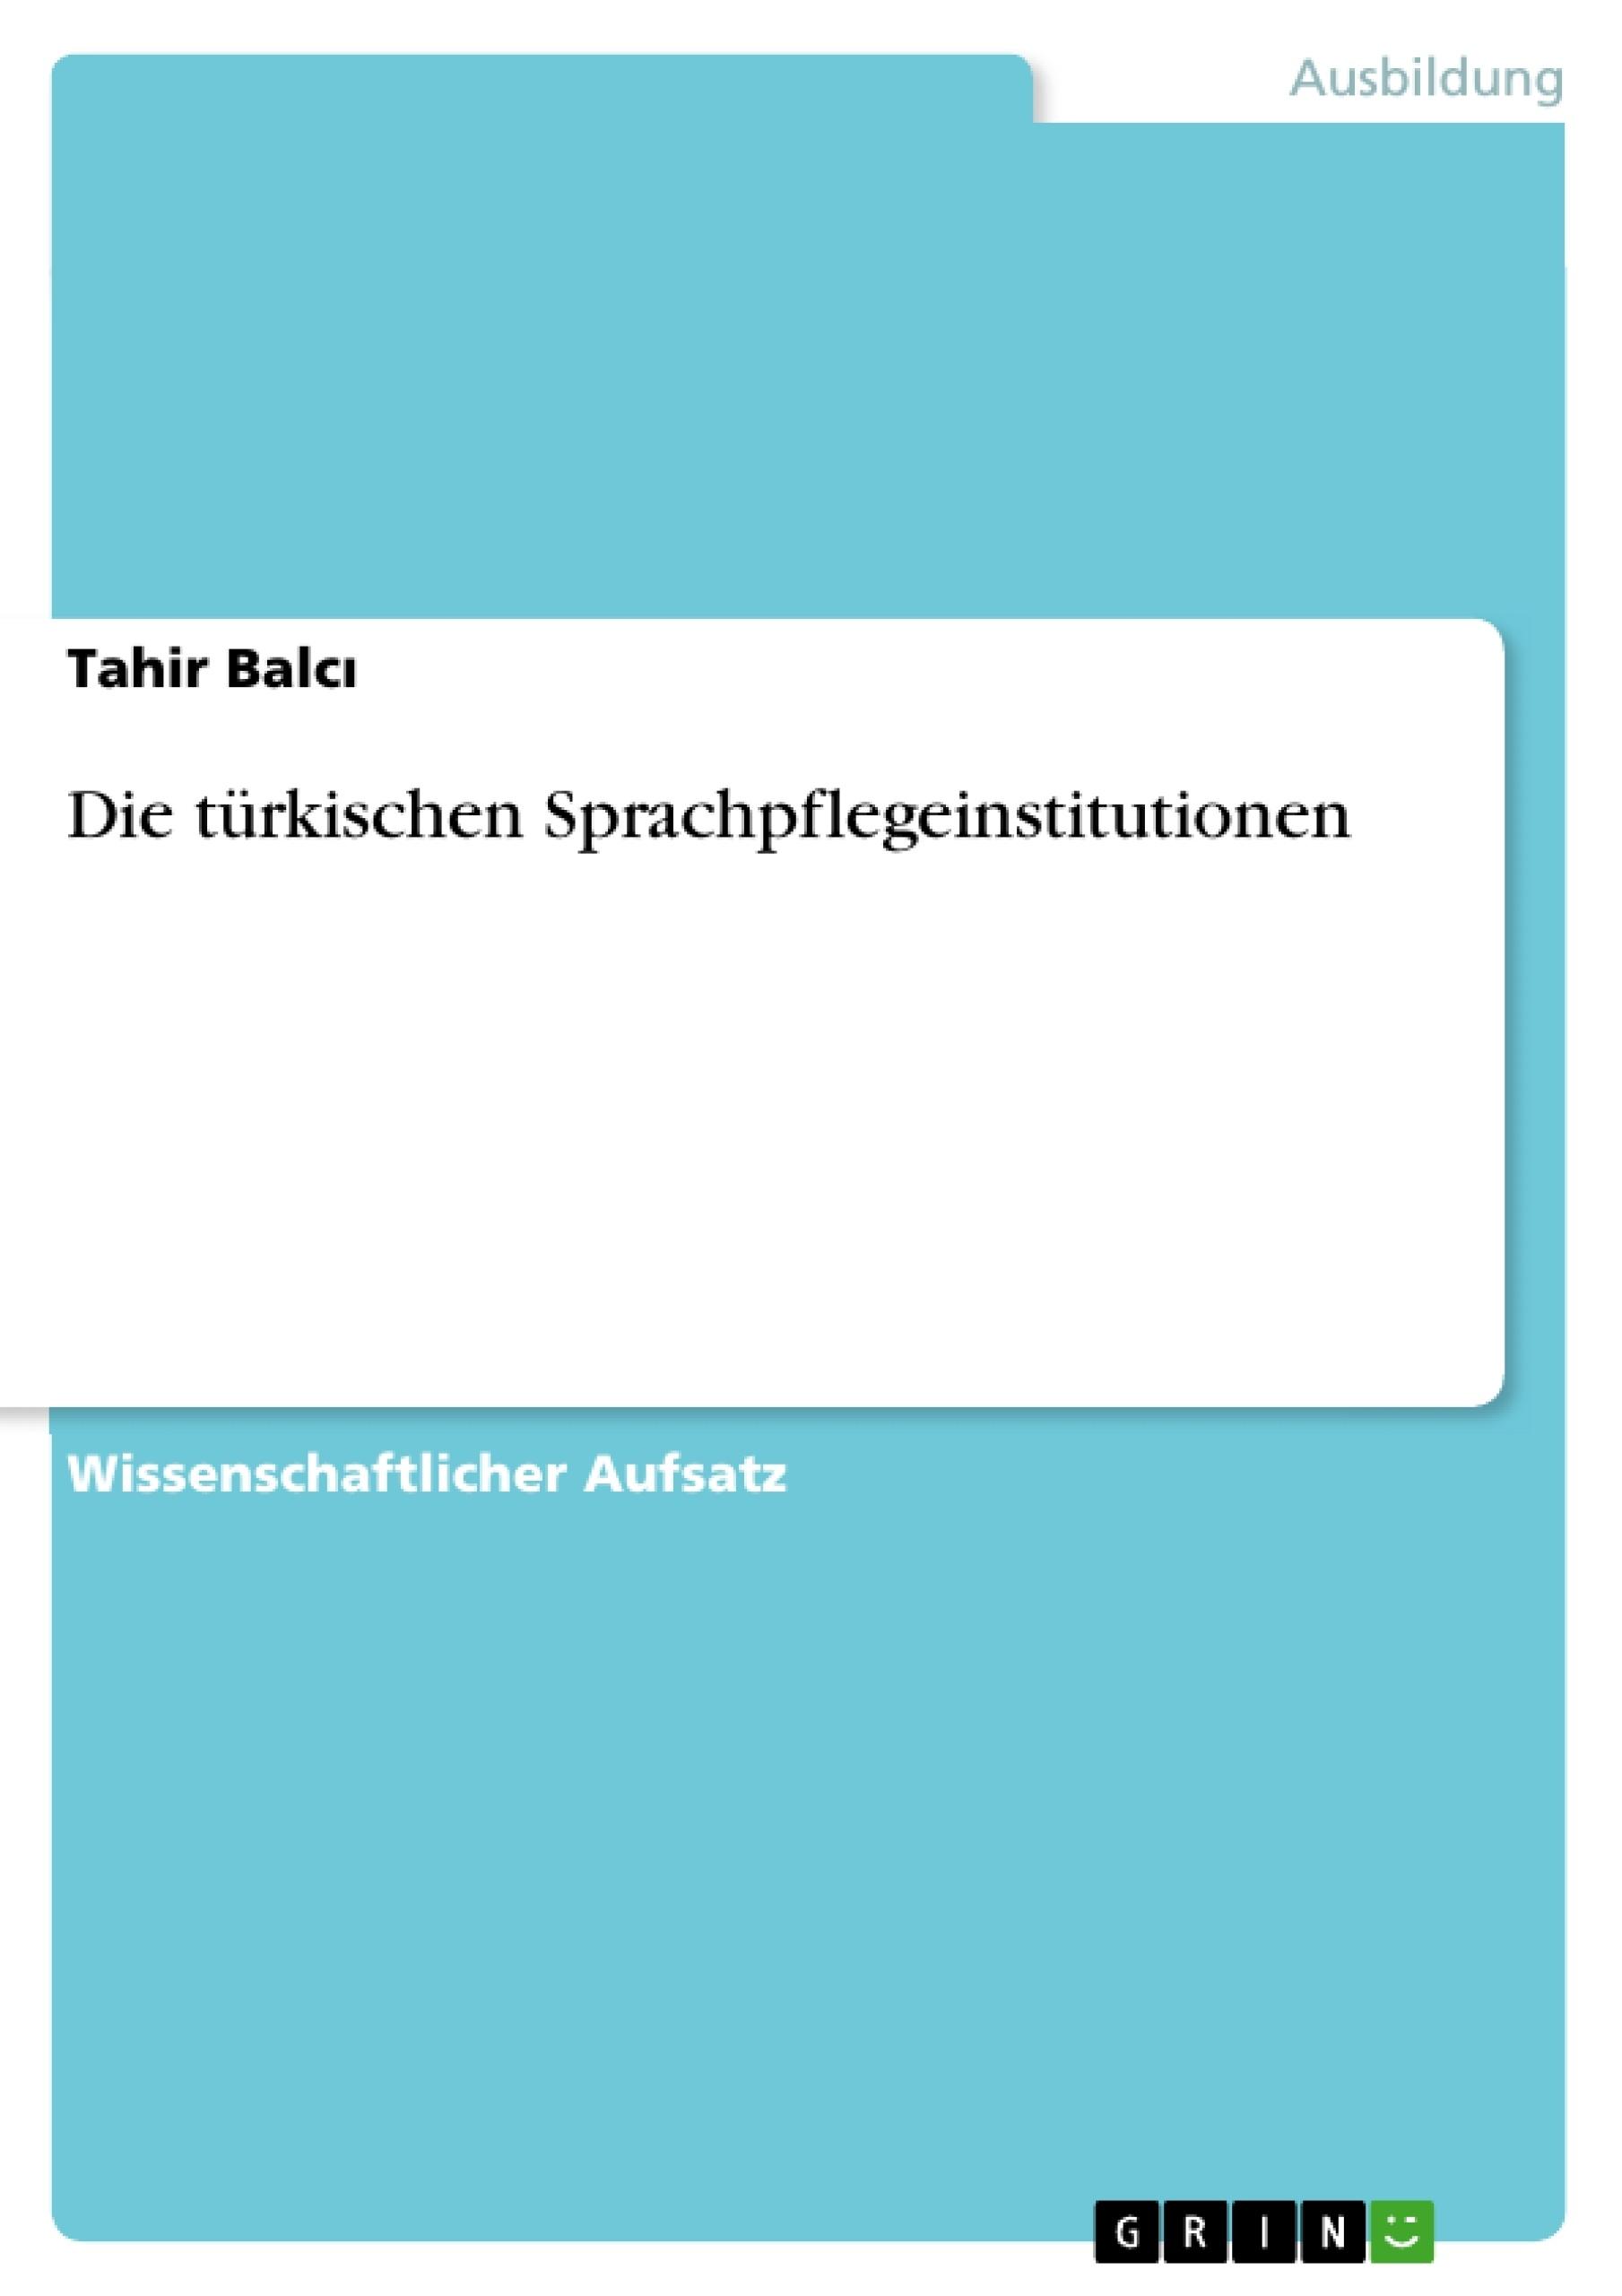 Titel: Die türkischen Sprachpflegeinstitutionen